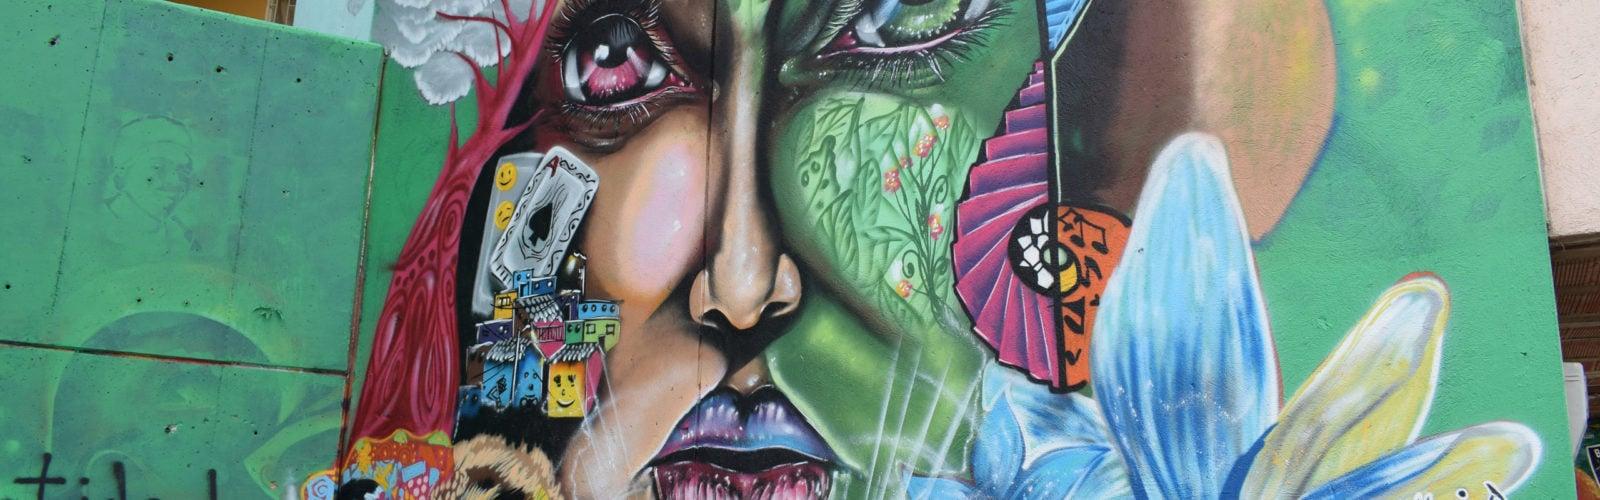 graffiti-medellin-colombia